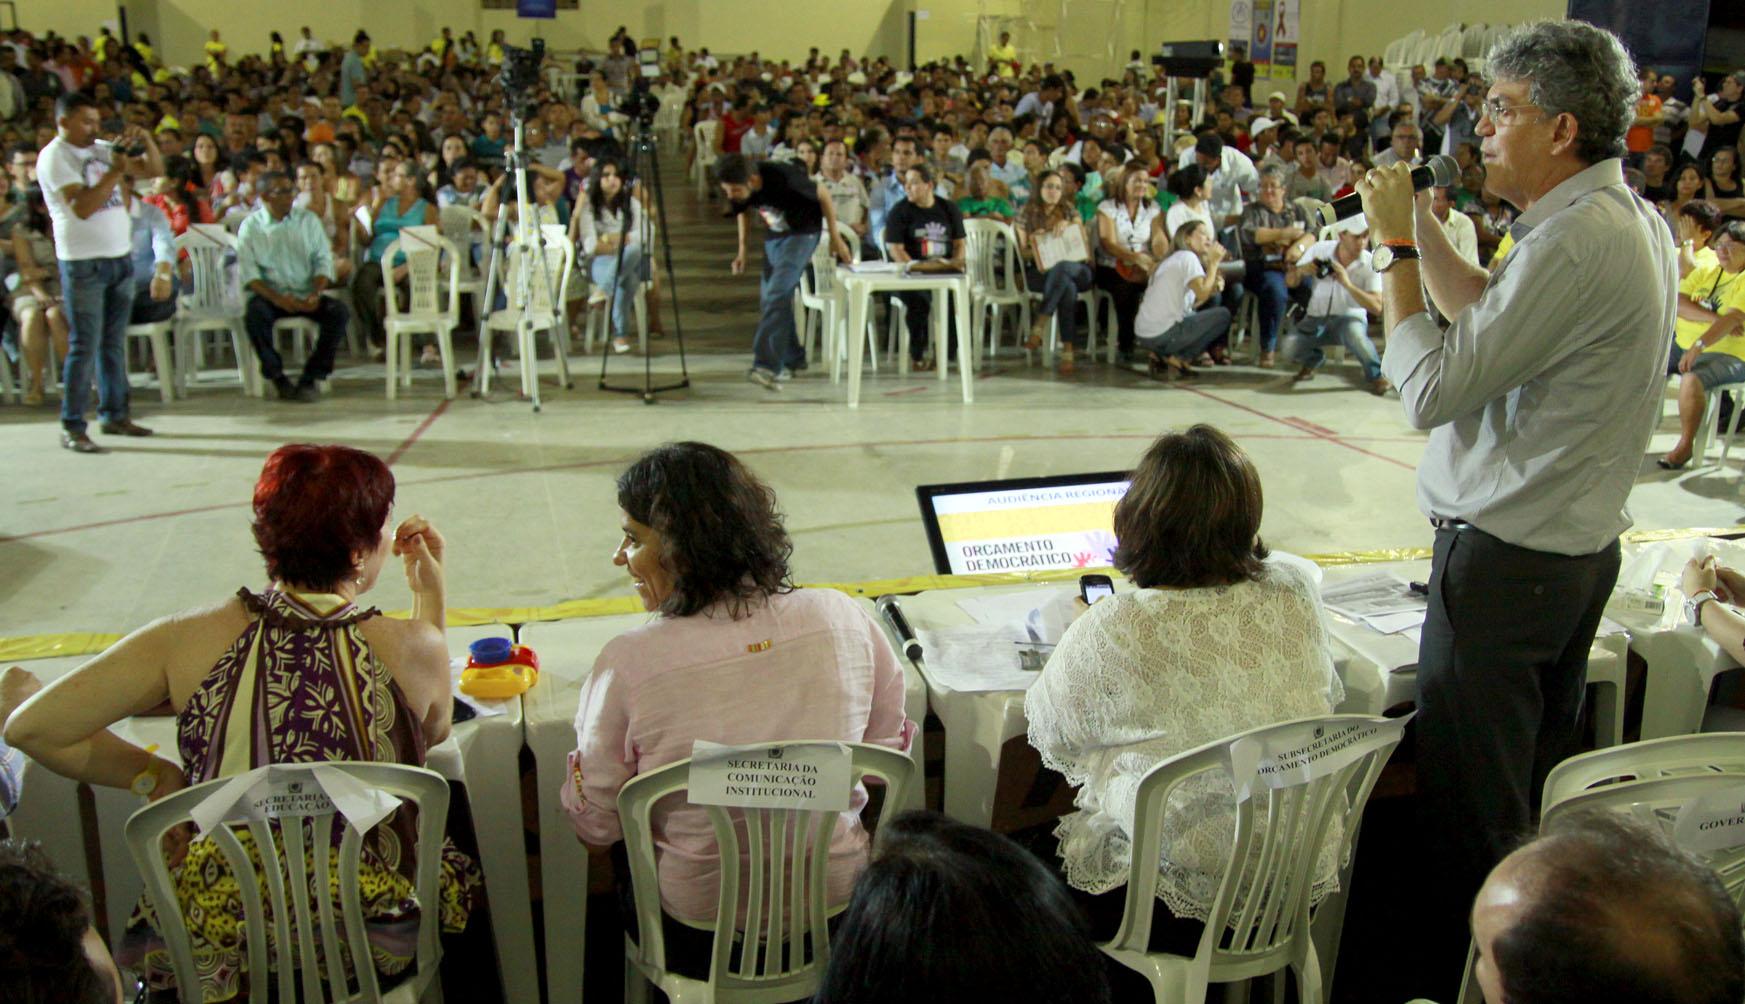 IMG 8540 - Ricardo autoriza obras para estrada e rede de abastecimento no ODE